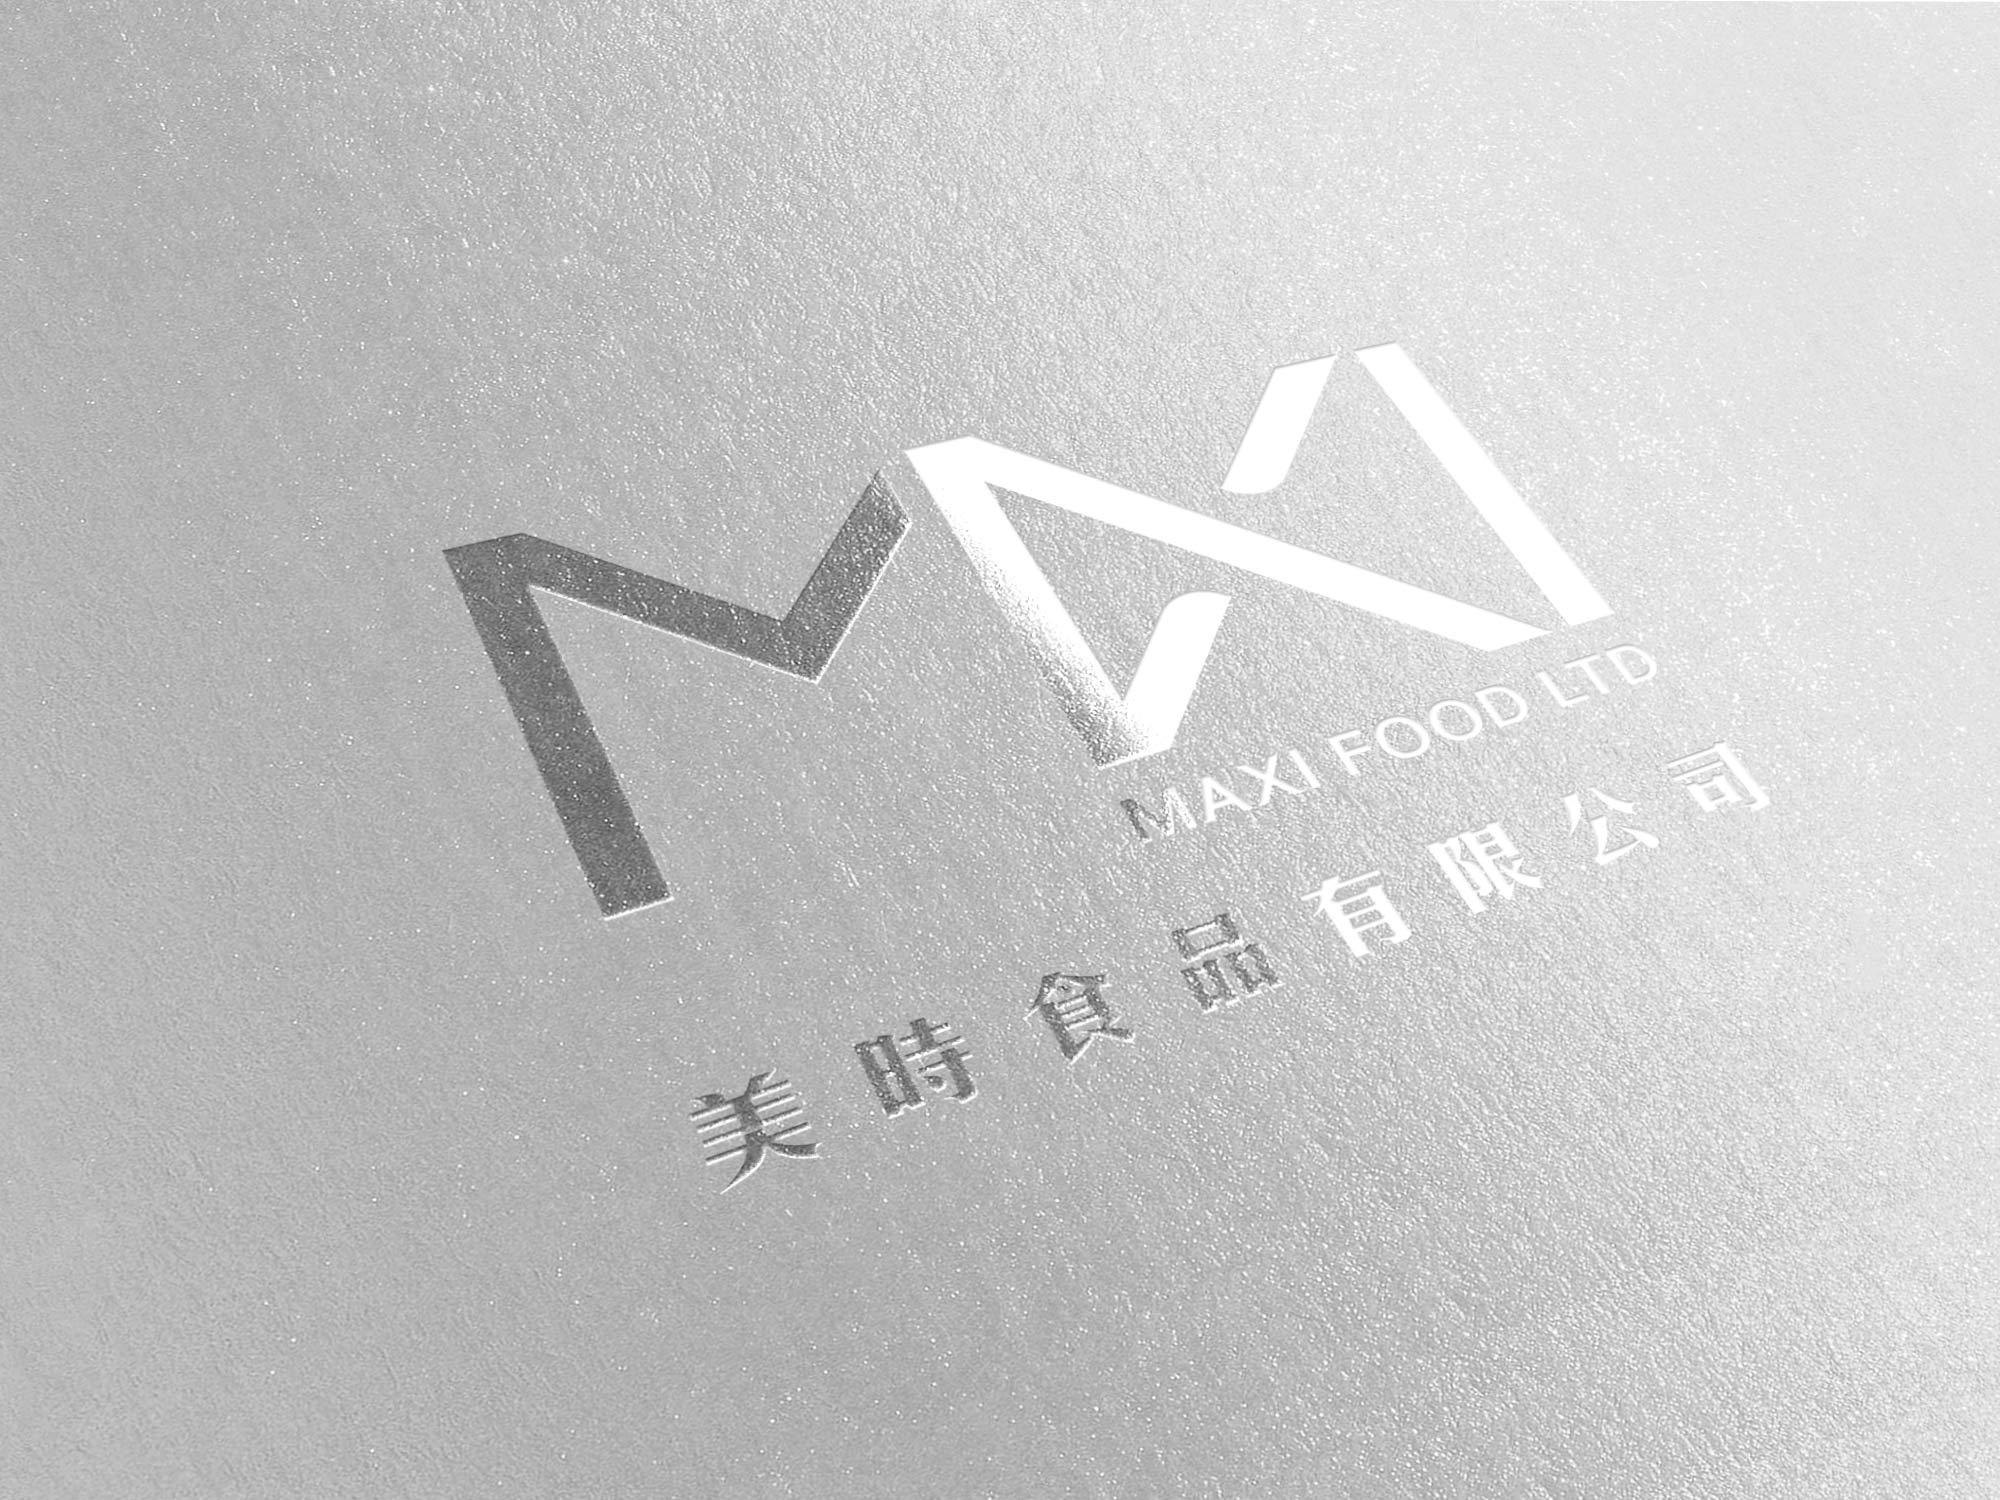 maxi_mockup-官方網頁設計,官方網站設計, 品牌網站設計, 網站設計, 網頁設計, 響應式網頁設計, 公司網站設計, 公司網站, 產品網站, LOGO設計, 設計LOGO, 設計品牌, 創意設計, 品牌設計, 商標設計, 平面設計, 視覺設計, 名片設計, 產品設計, 包裝設計, 網頁設計, 網站設計, CIS企業識別設計, CIS, LOGO, DESIGN, brochure, Flyermaxi_mockup_網站設計_網頁設計_響應式網頁設計_公司網站設計_公司網站_產品網站_LOGO設計_設計LOGO_設計品牌_創意設計_品牌設計_商標設計_平面設計_視覺設計_名片設計_產品設計_包裝設計_網頁設計_網站設計_CIS企業識別設計_CIS_LOGO_DESIGN_brochure_Flyer